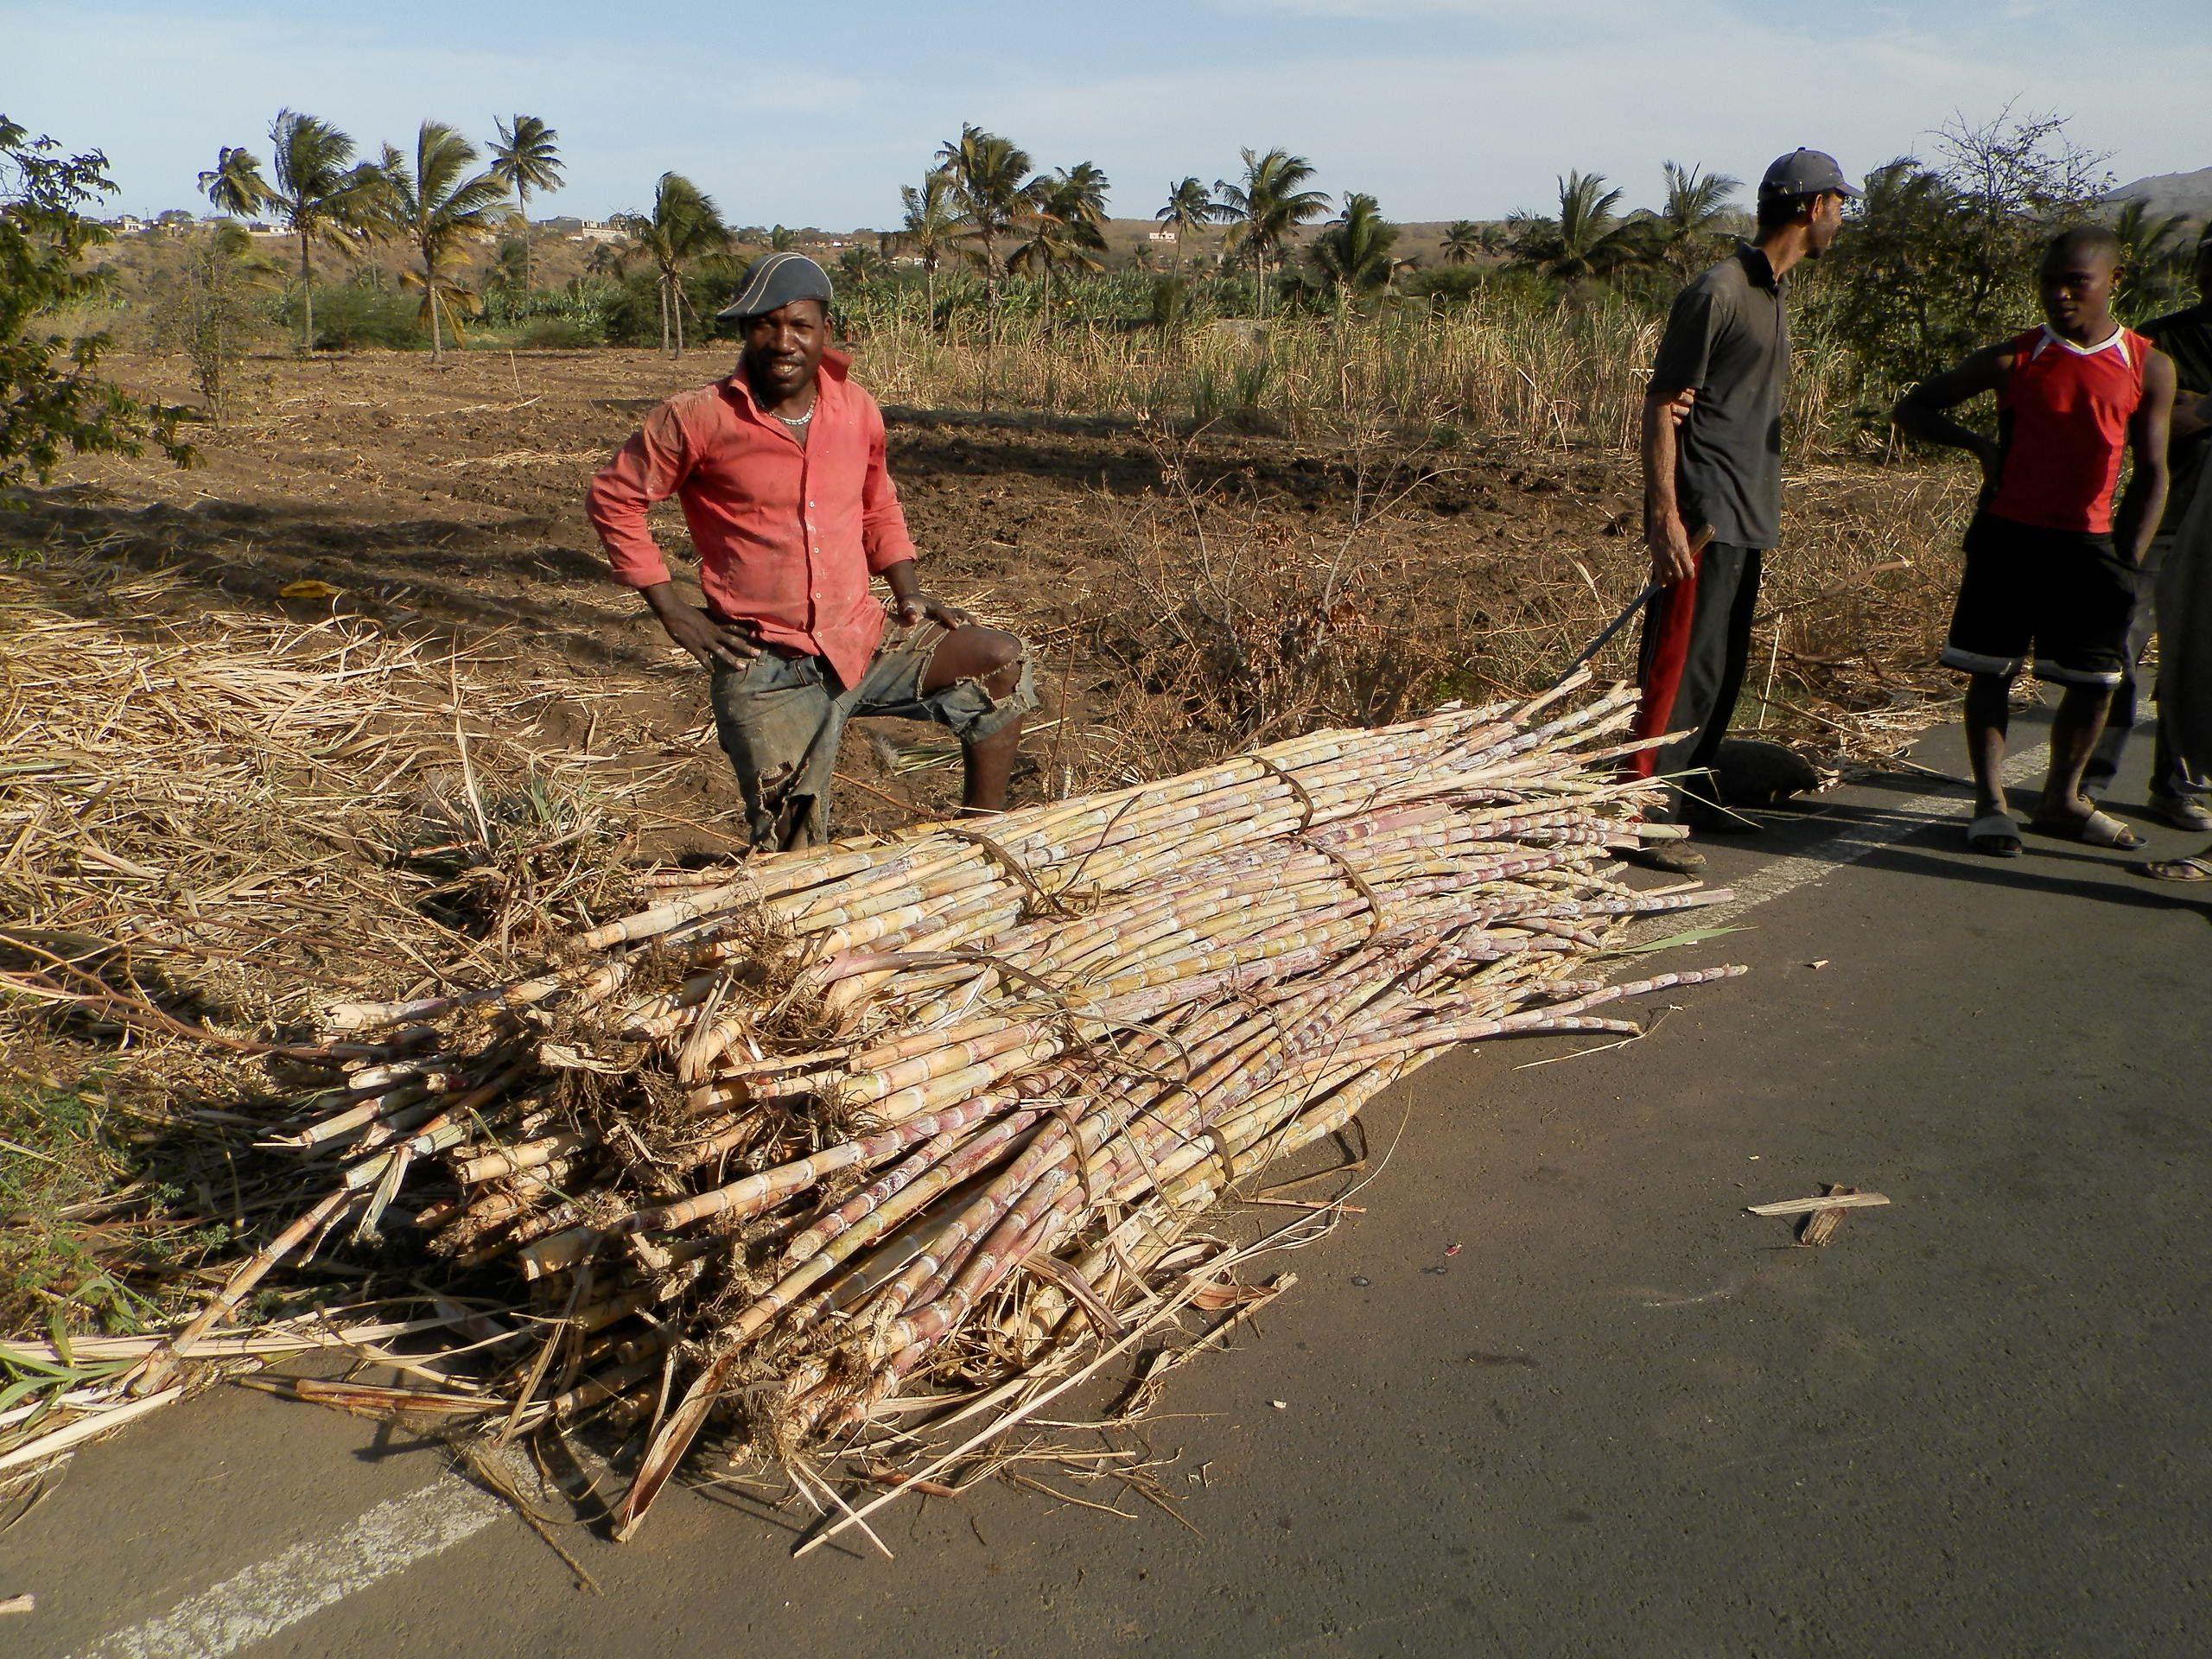 La ramasse de la canne à sucre. En attendant le pick-up pour ramener a la distillerie. Vers Pedra Badejo - Santiago - Cap Vert.